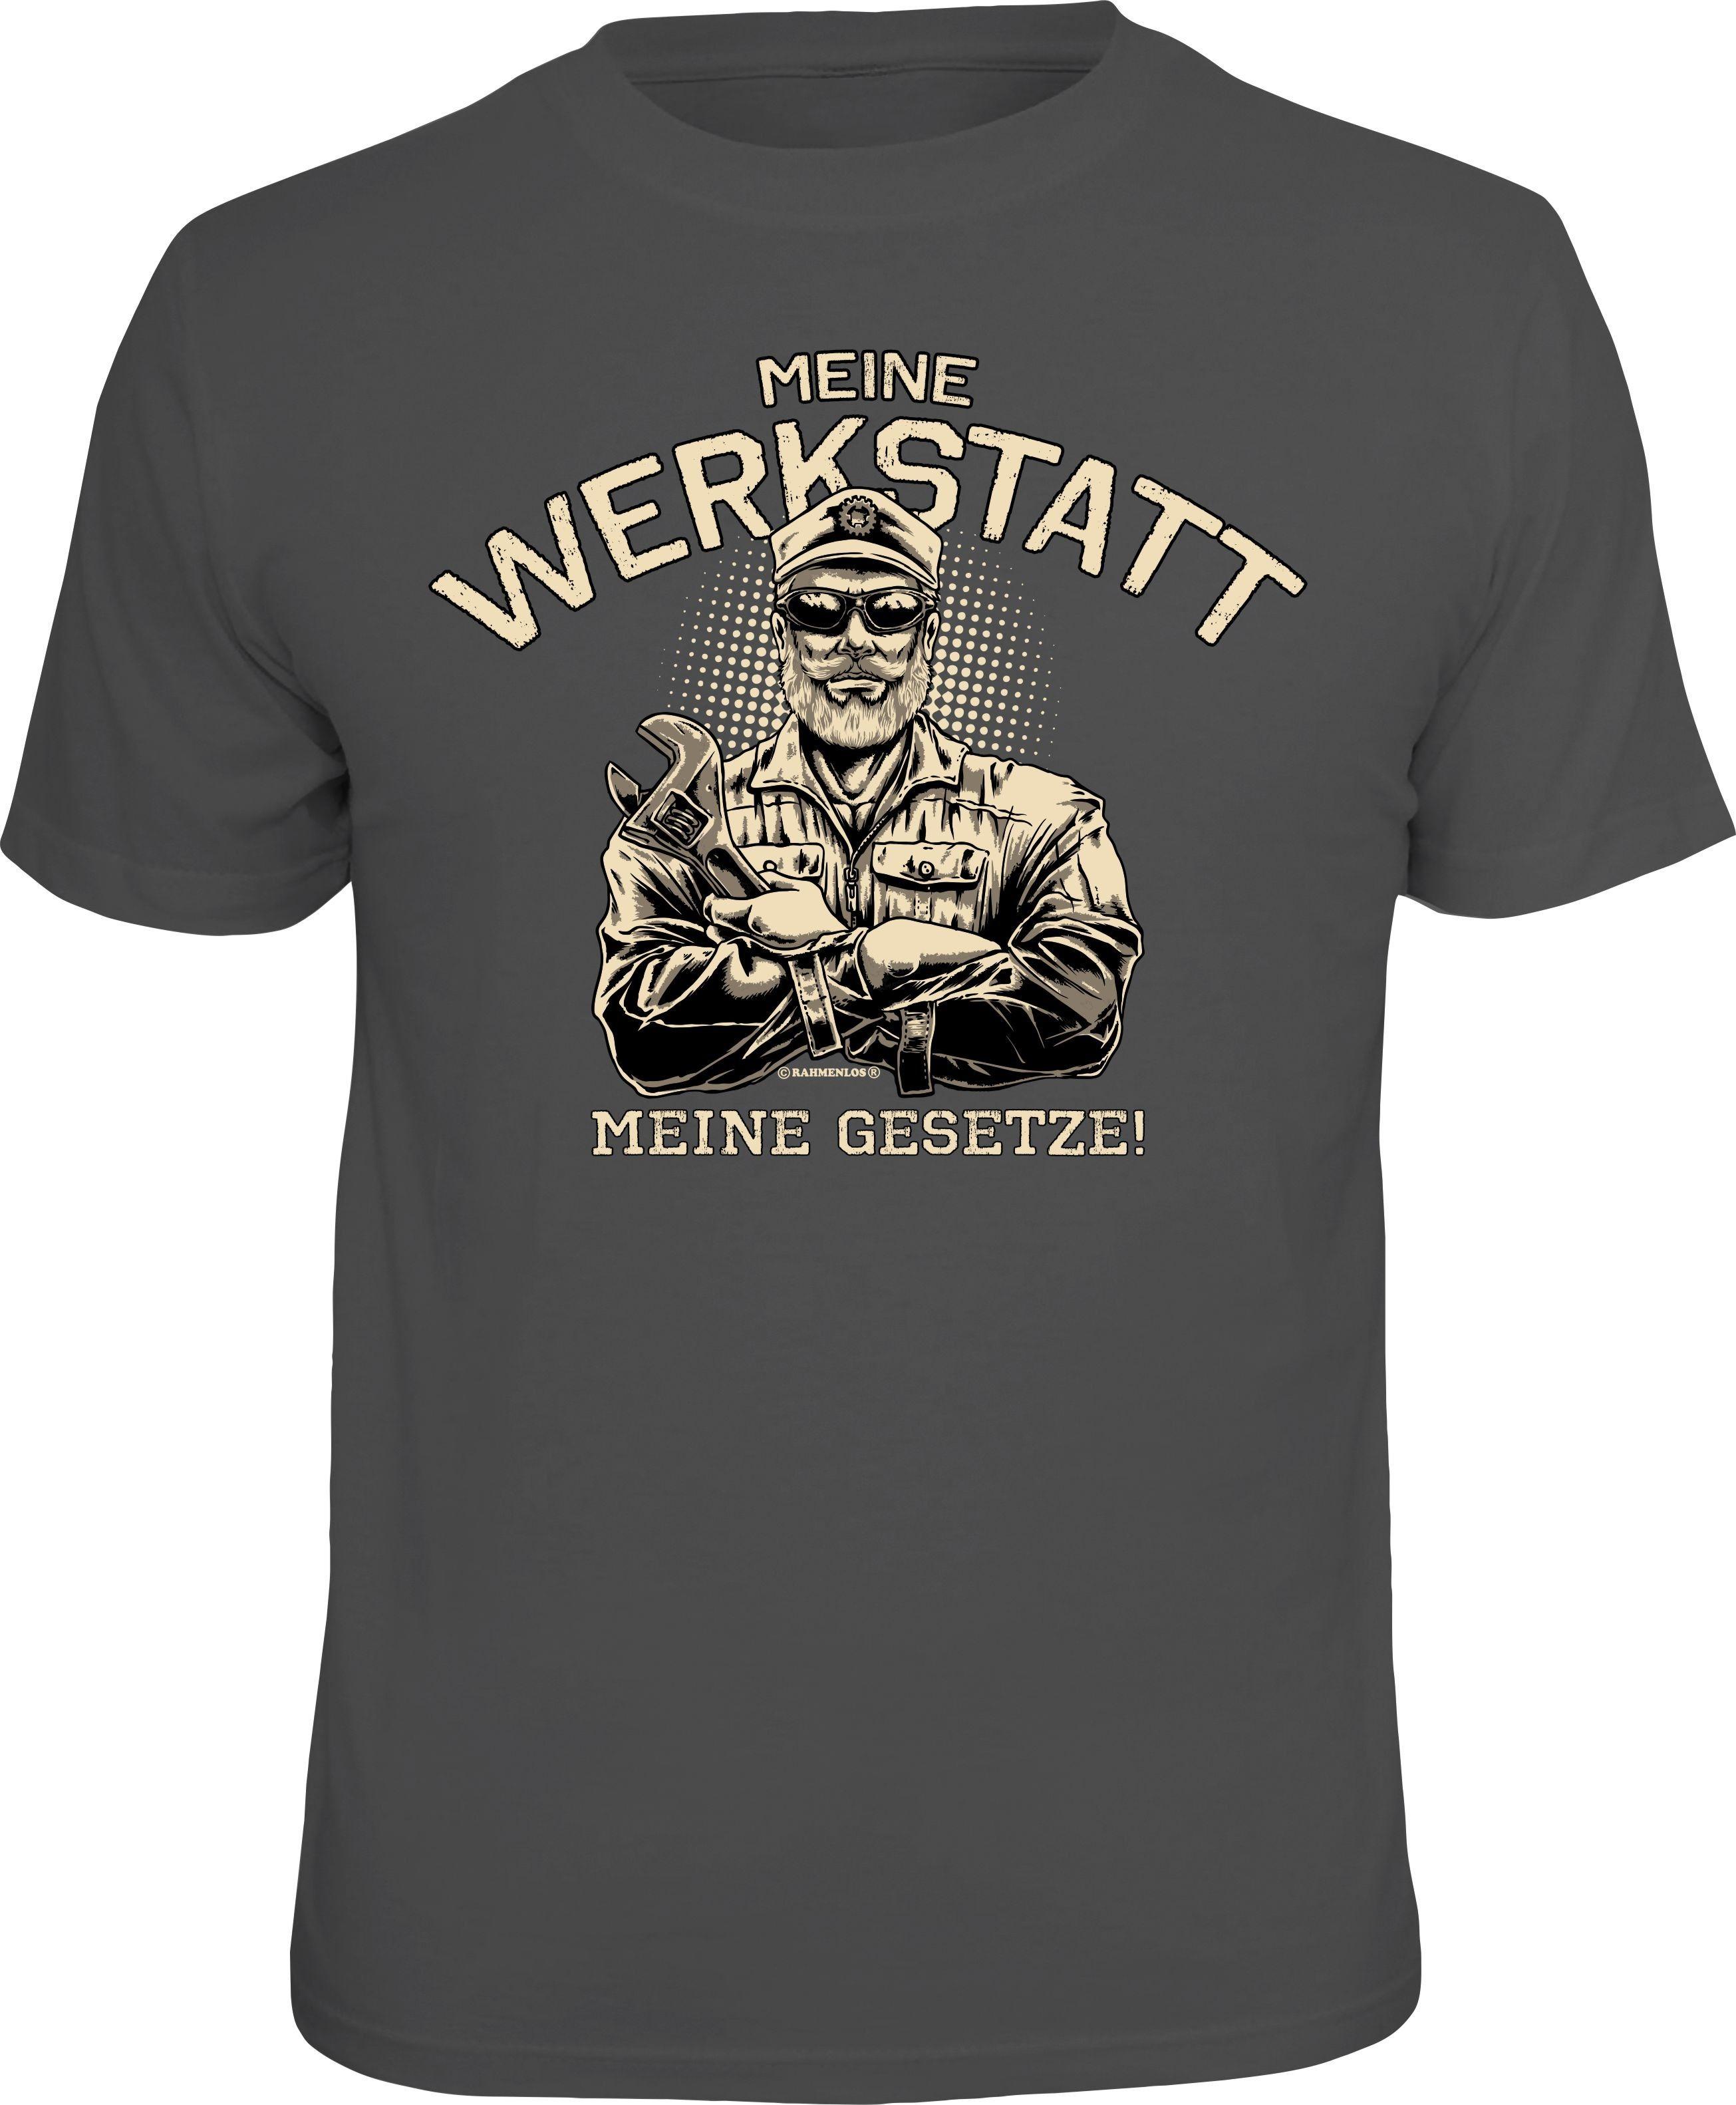 Rahmenlos T Shirt »Meine Werkstatt Meine Gesetze!«